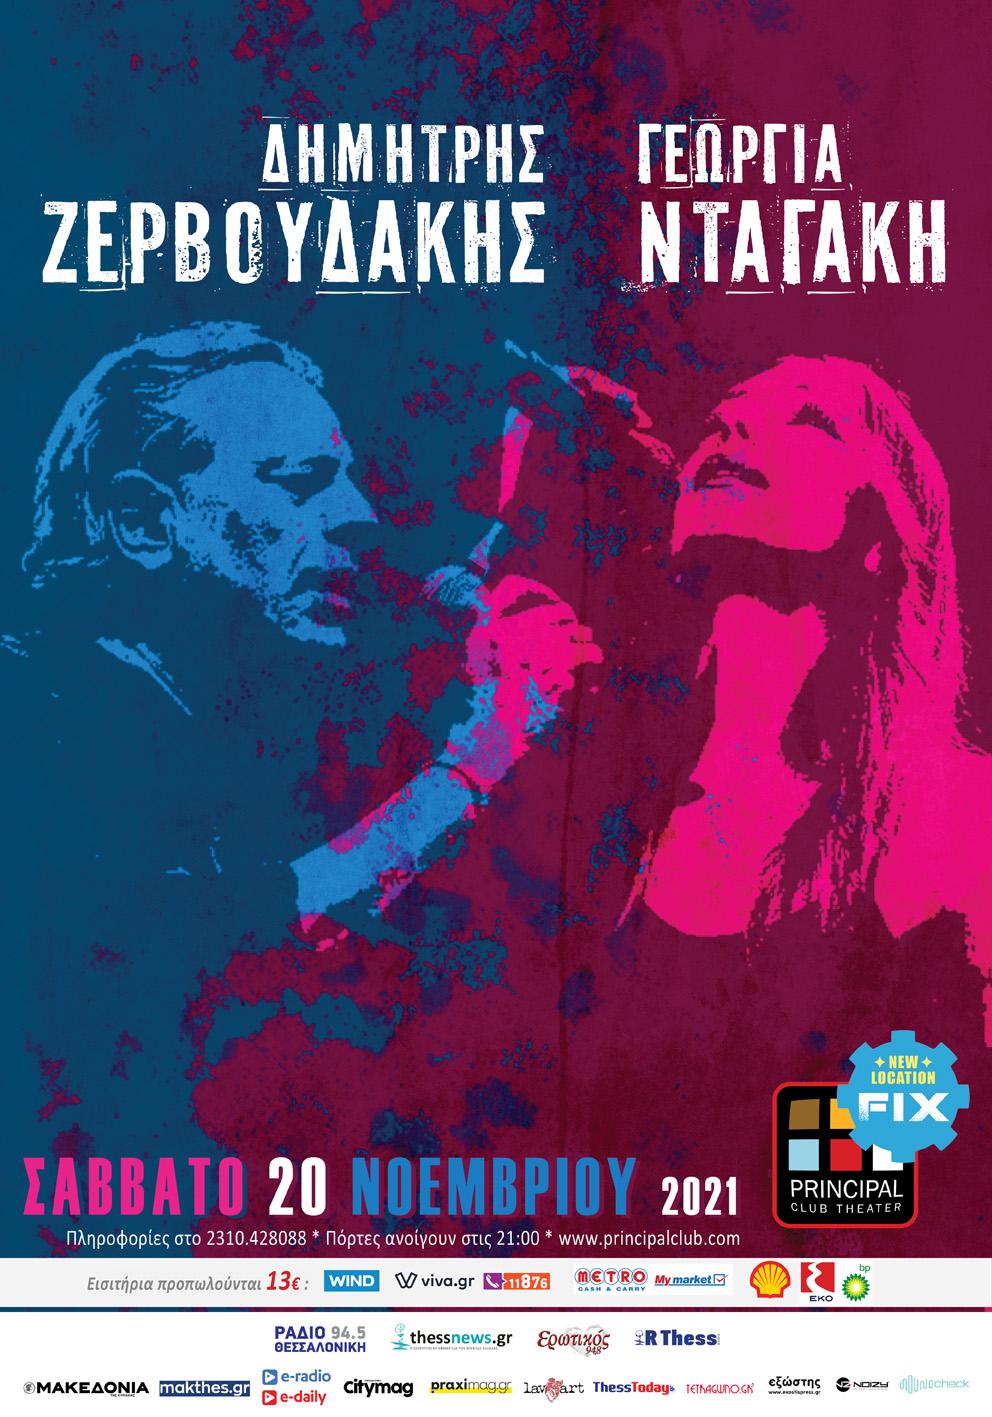 Ζερβουδάκης Νταγάκη Live